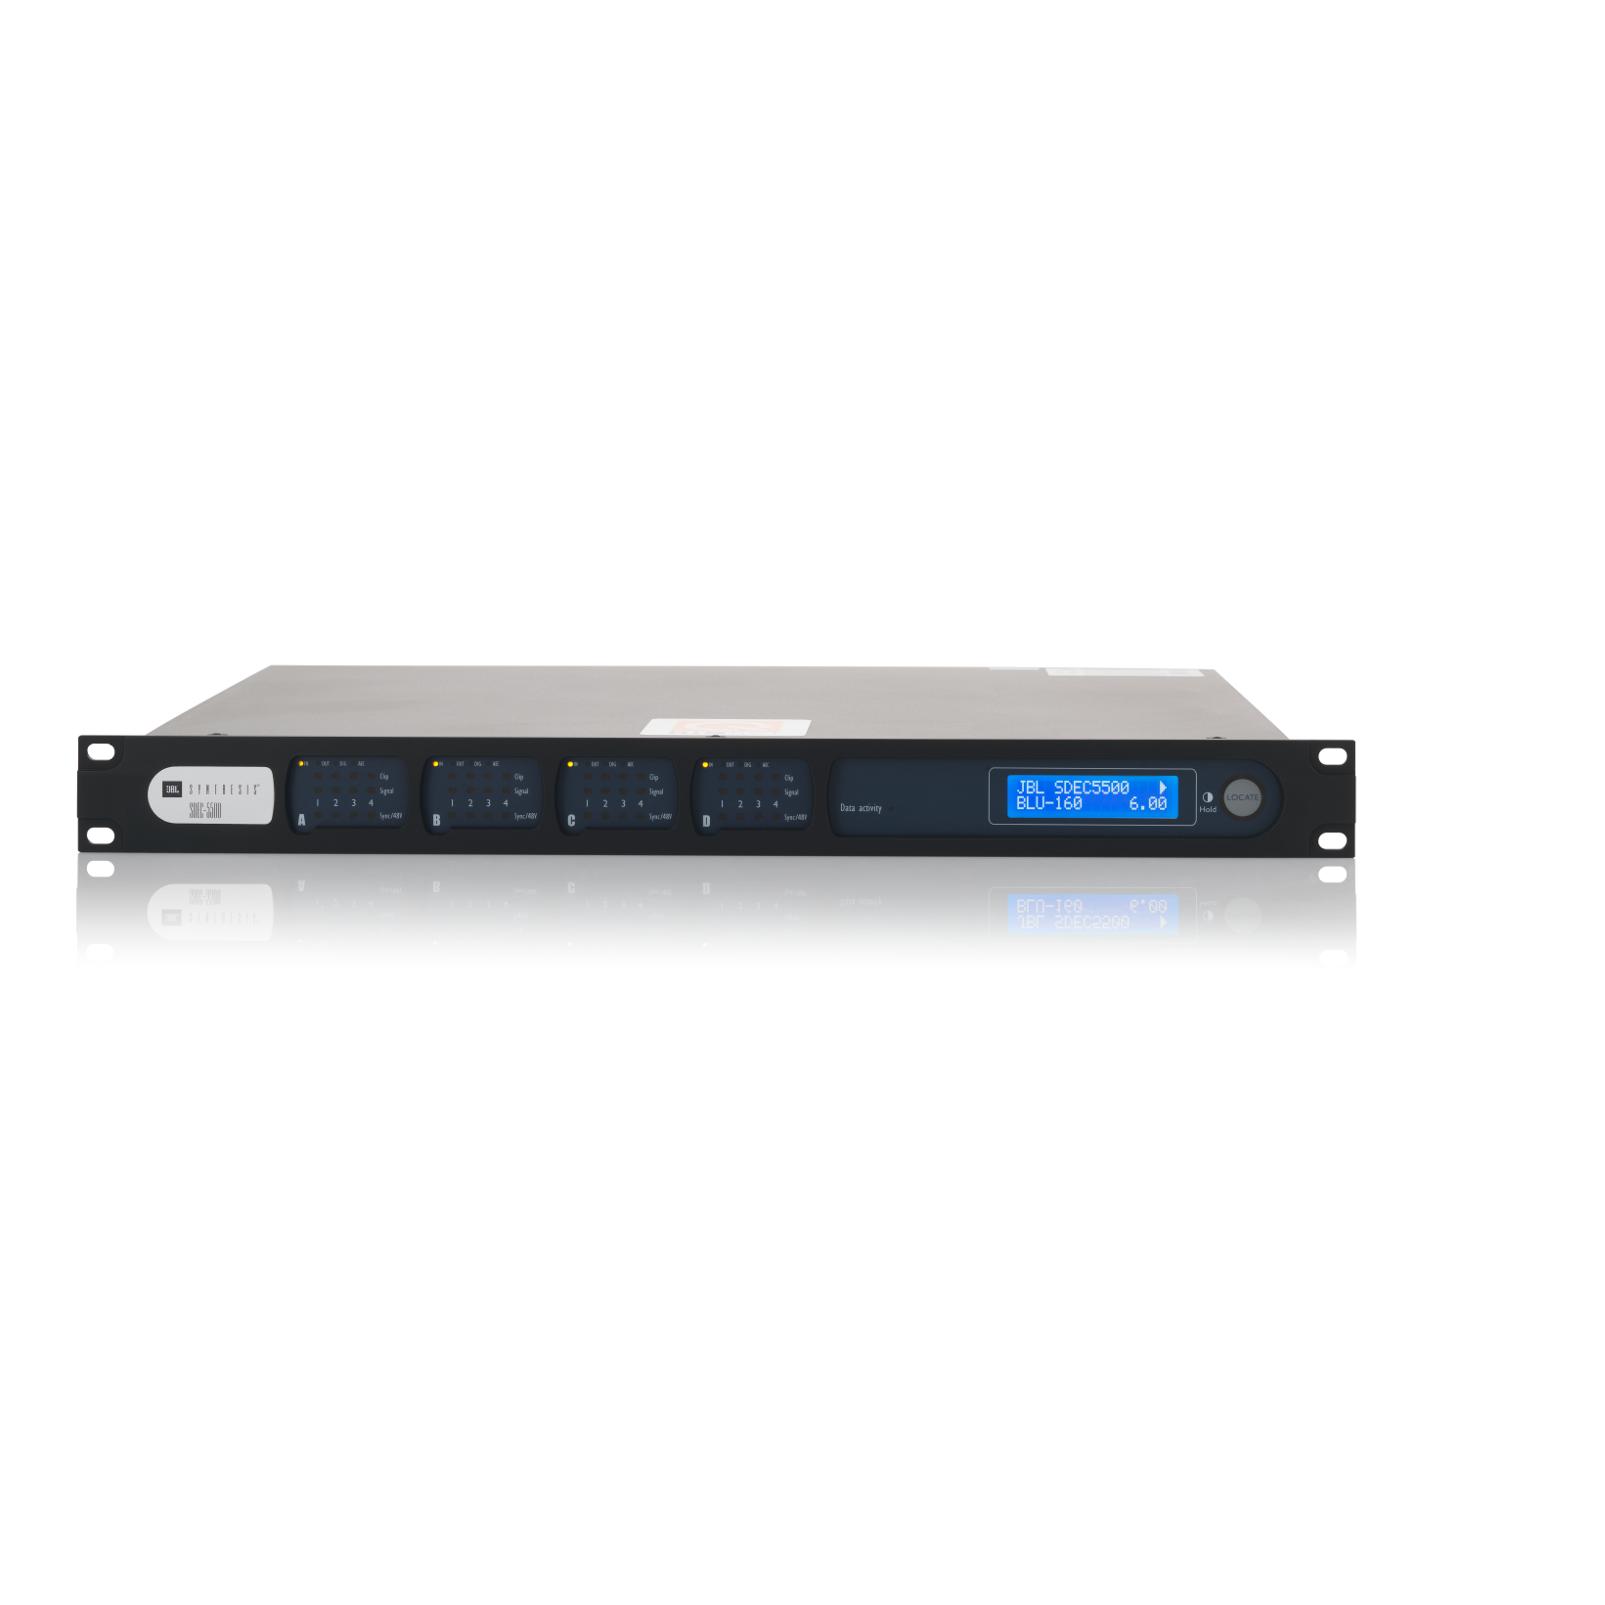 SDEC-5500